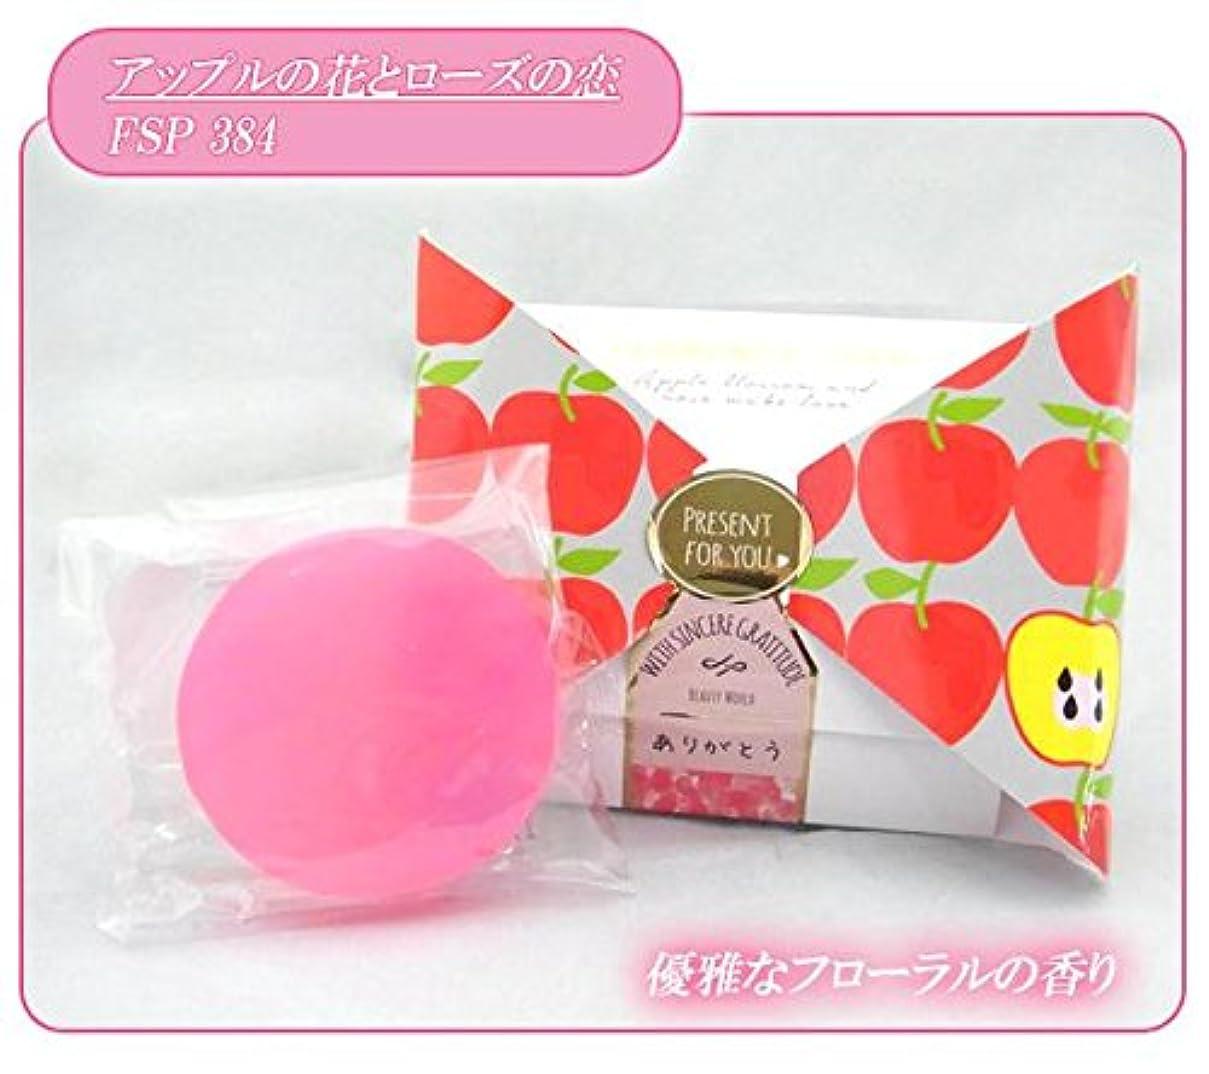 アスリート助けになる寄稿者ビューティーワールド BWフローレンスの香り石けん リボンパッケージ 6個セット アップルの花とローズの恋